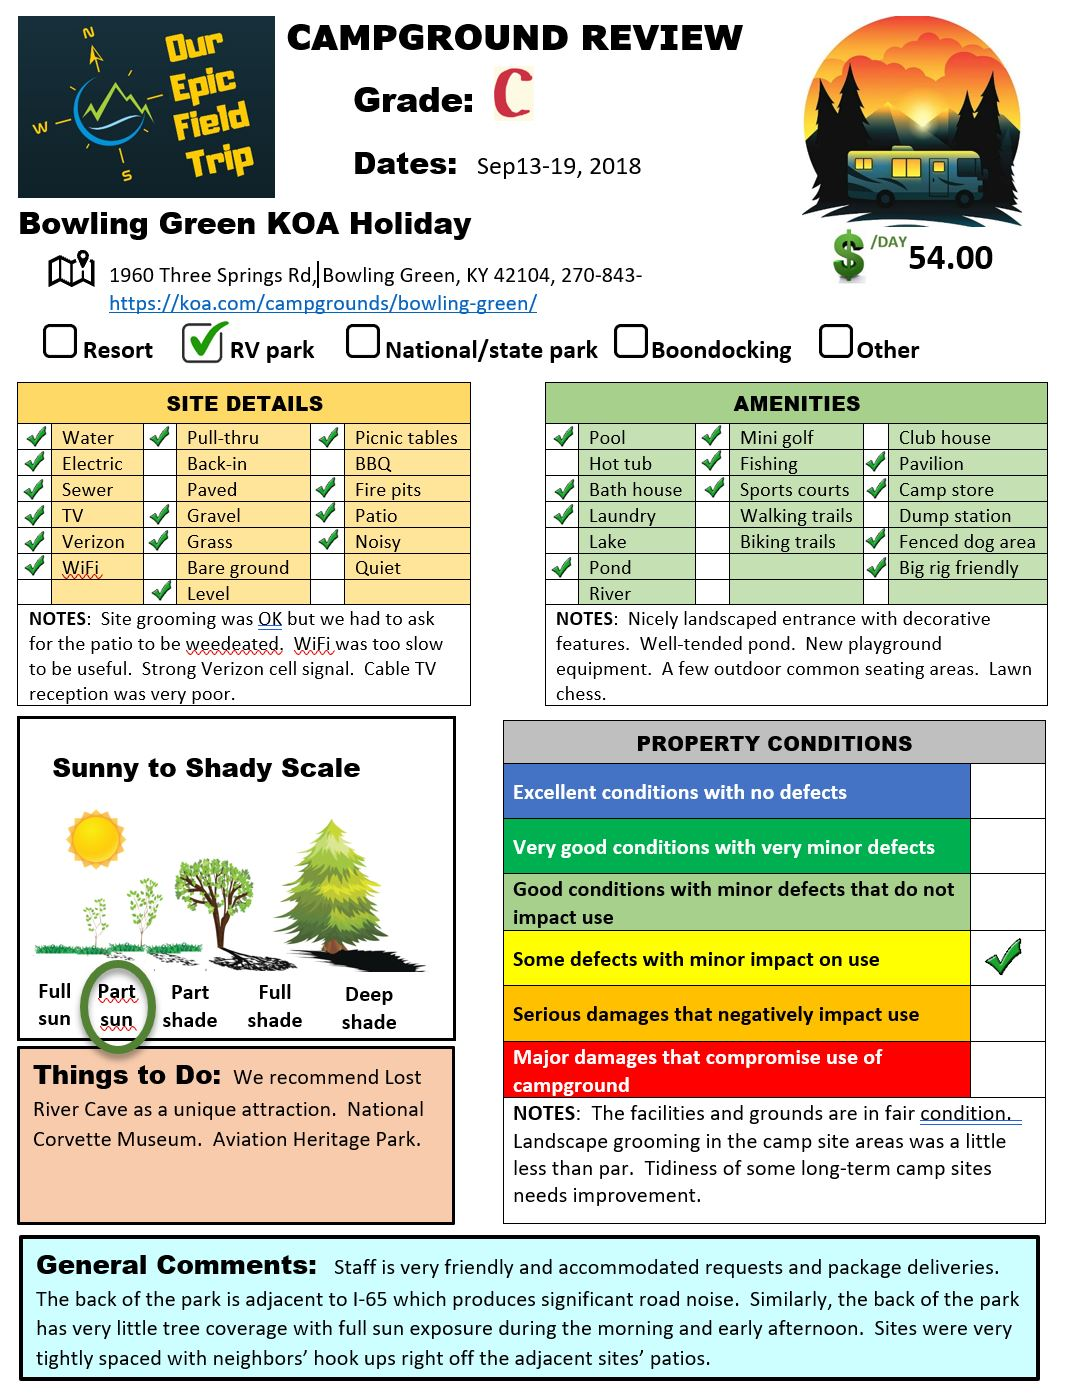 Bowling Green KOA Holiday